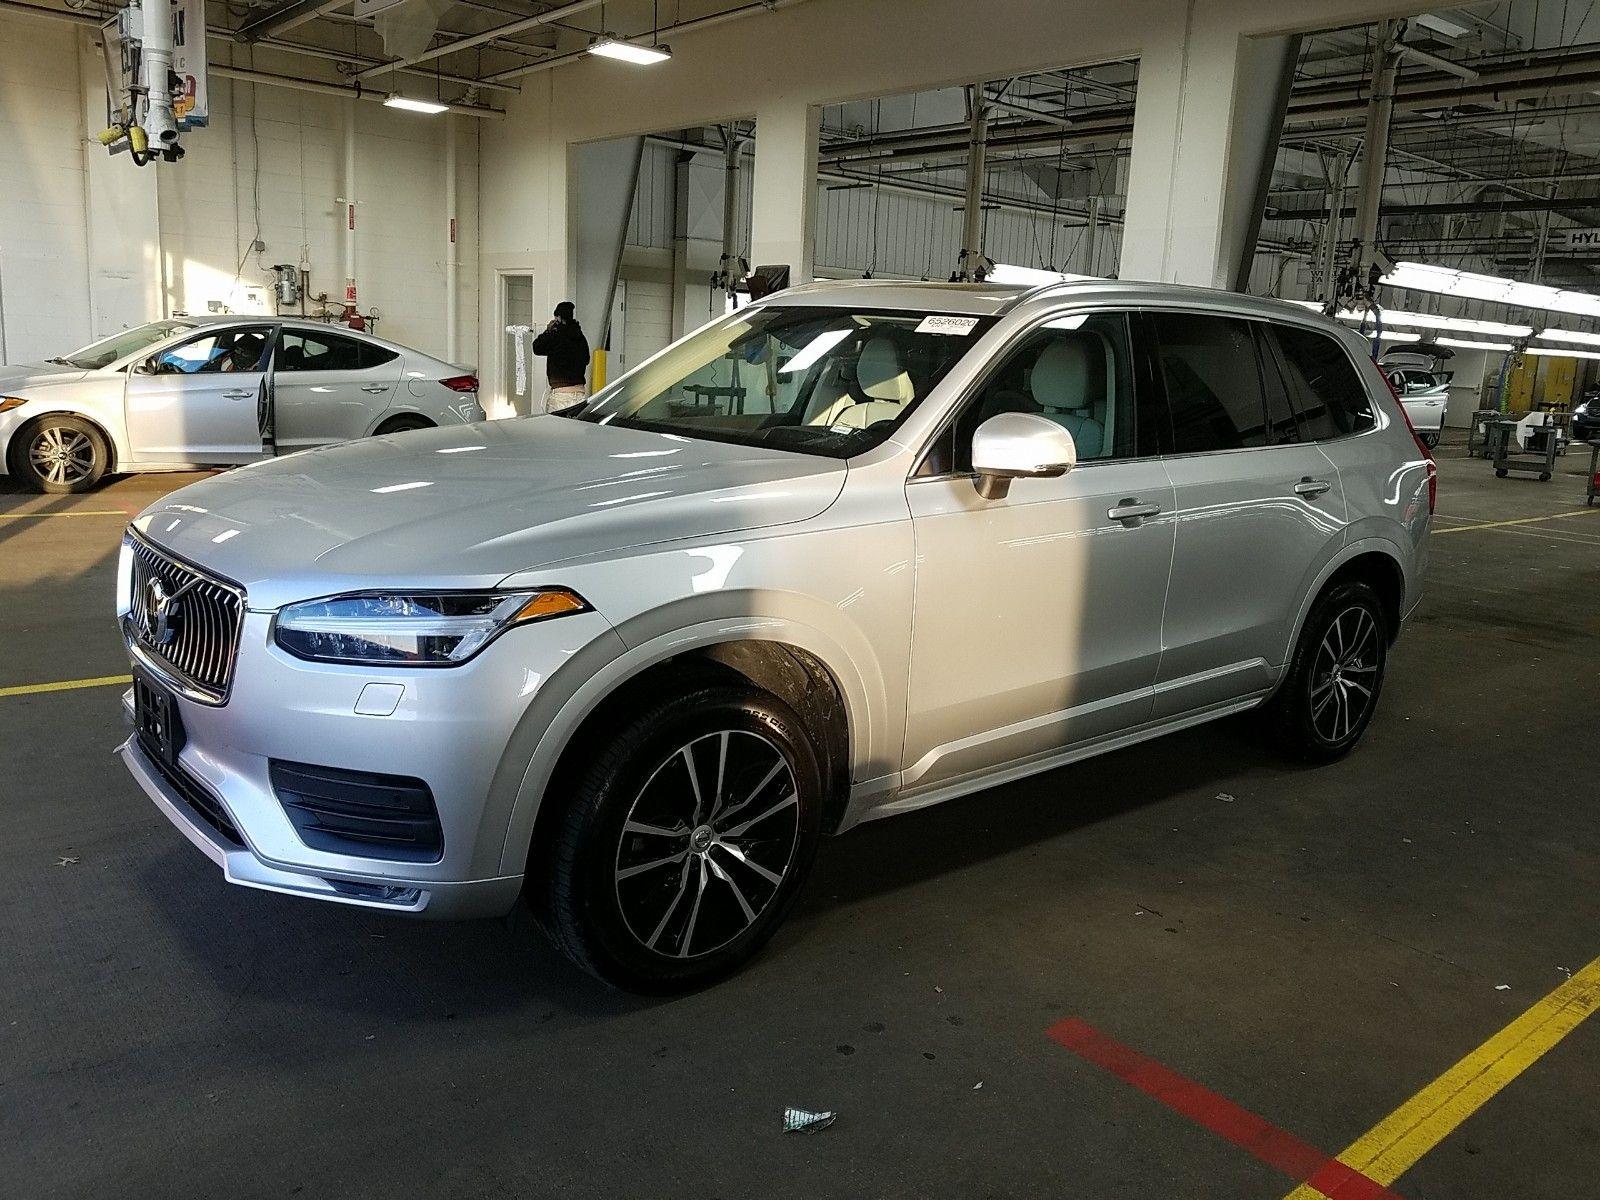 2020 Volvo Xc90 2.0. Lot 99921135202 Vin YV4A22PK7L1530740